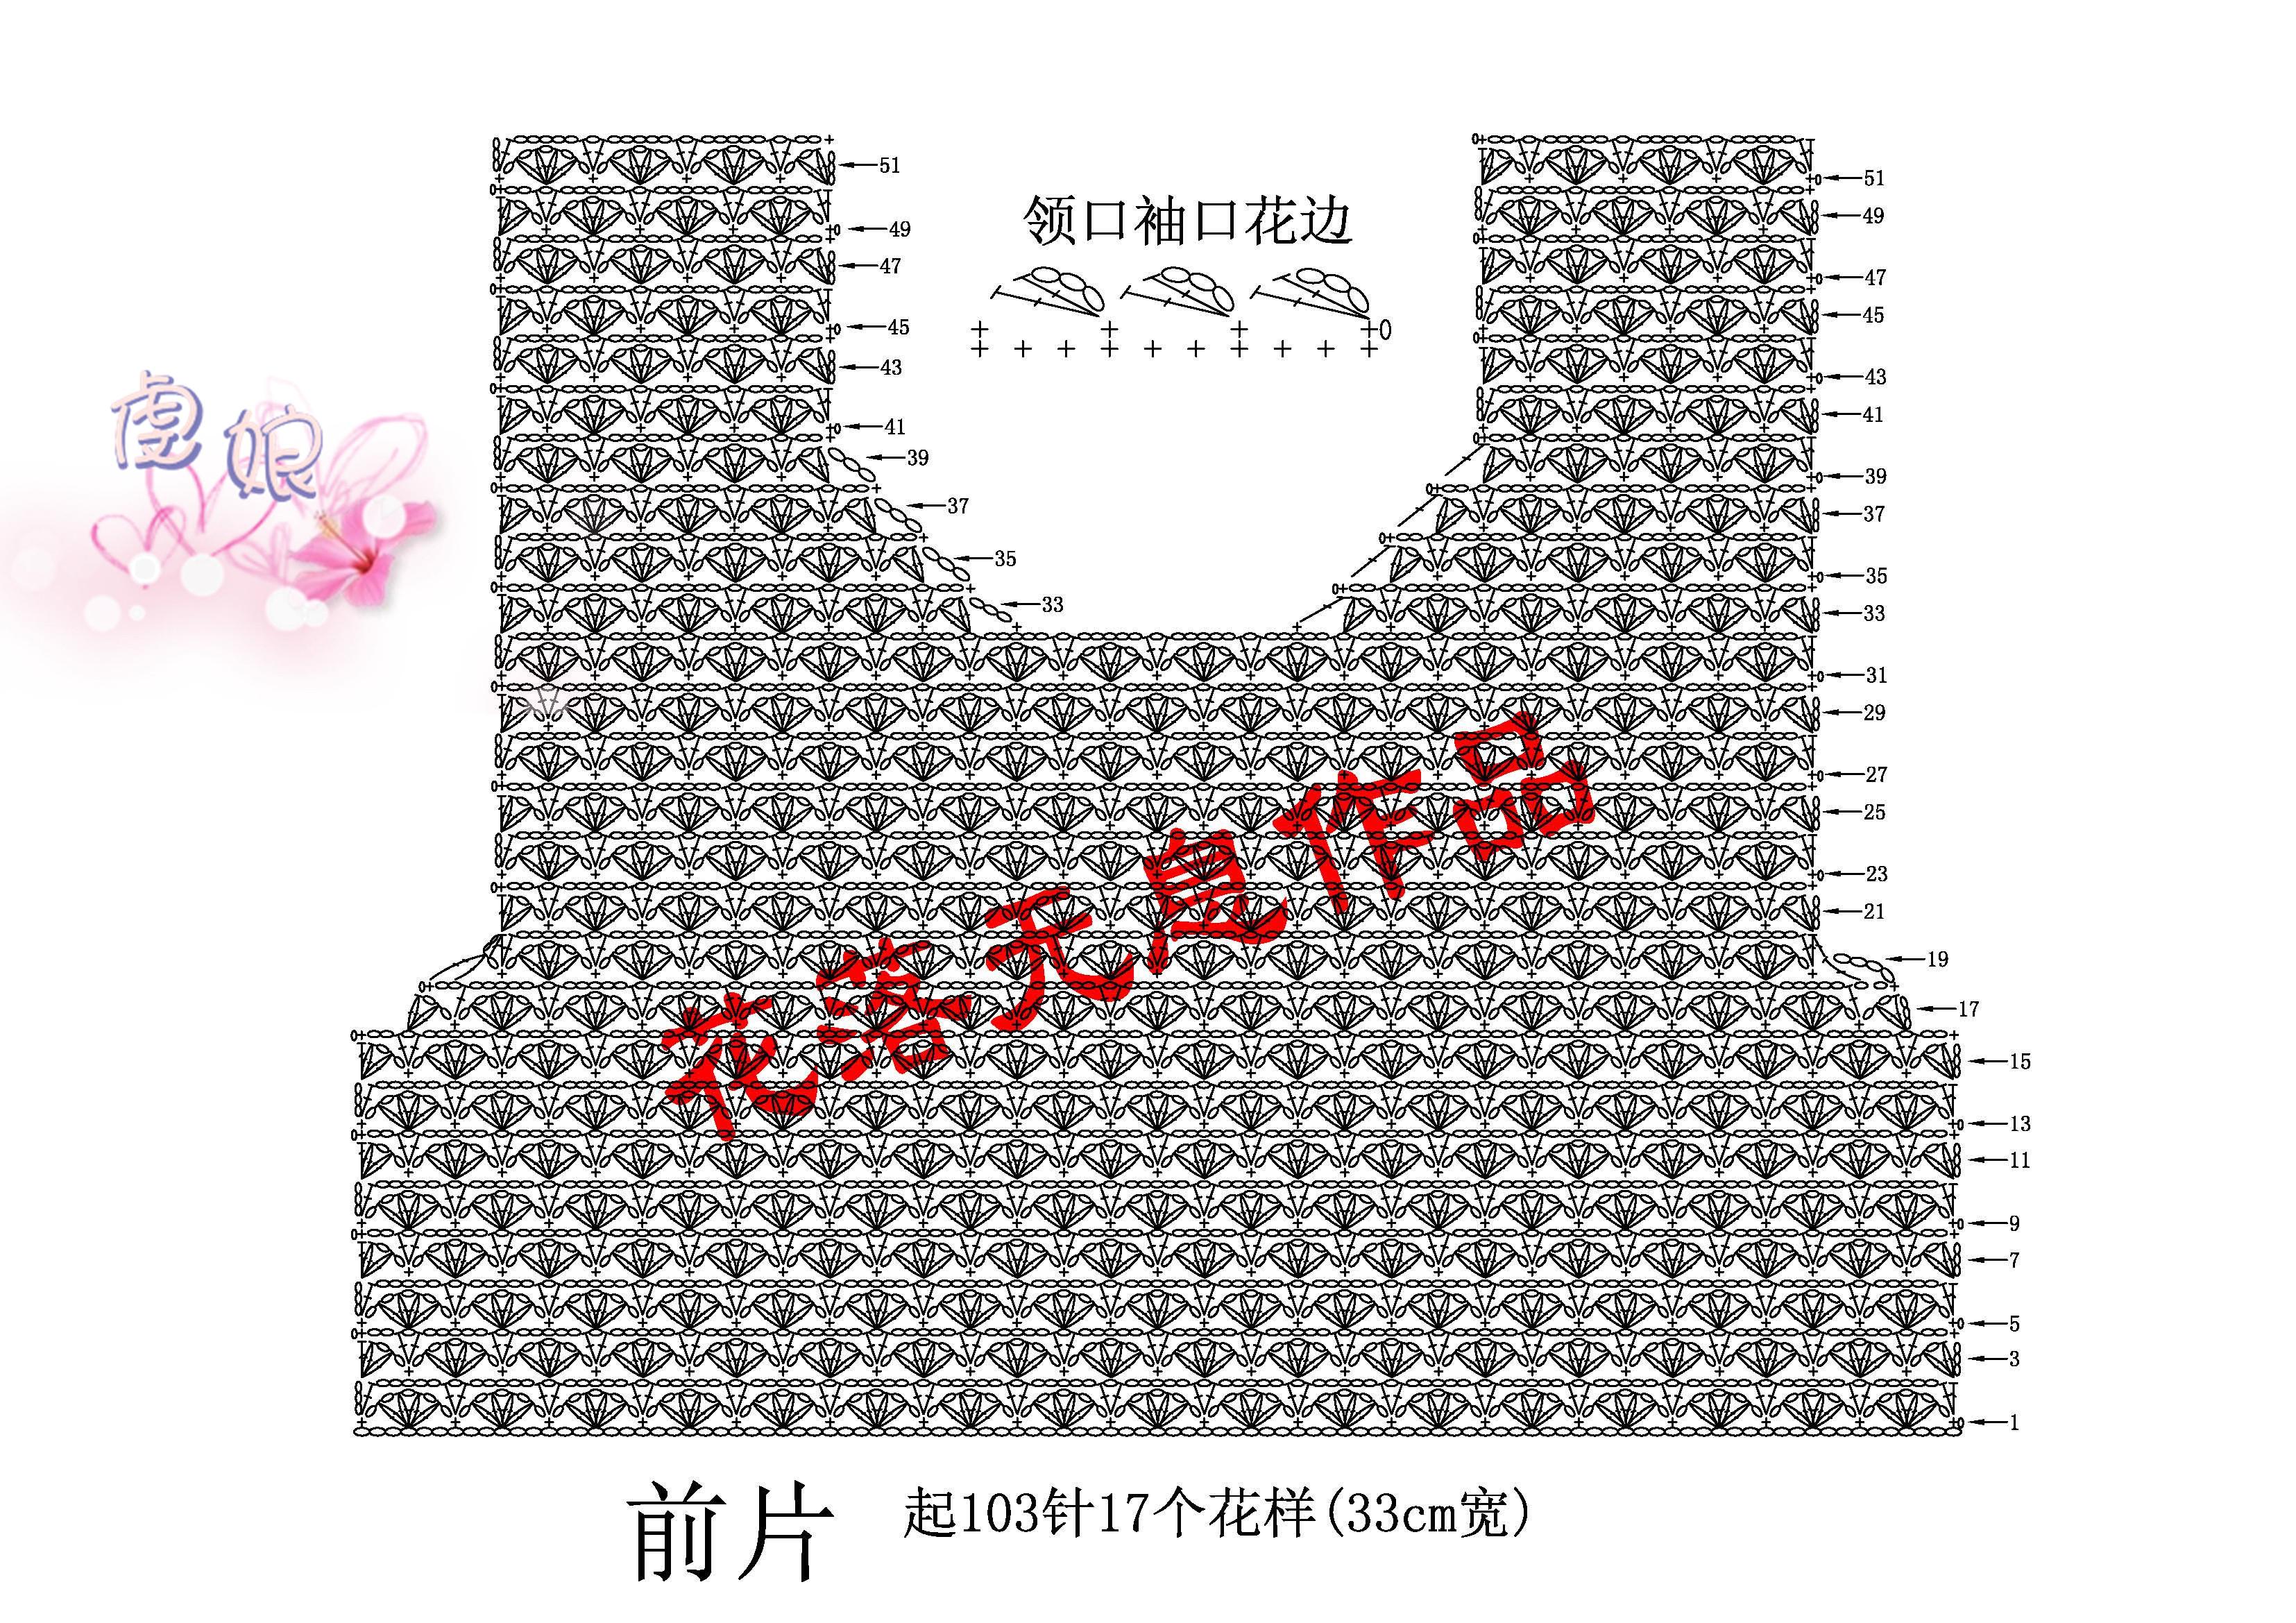 小情新 -- 改版小情歌(2013.21) - 花落无息 - 花落无息